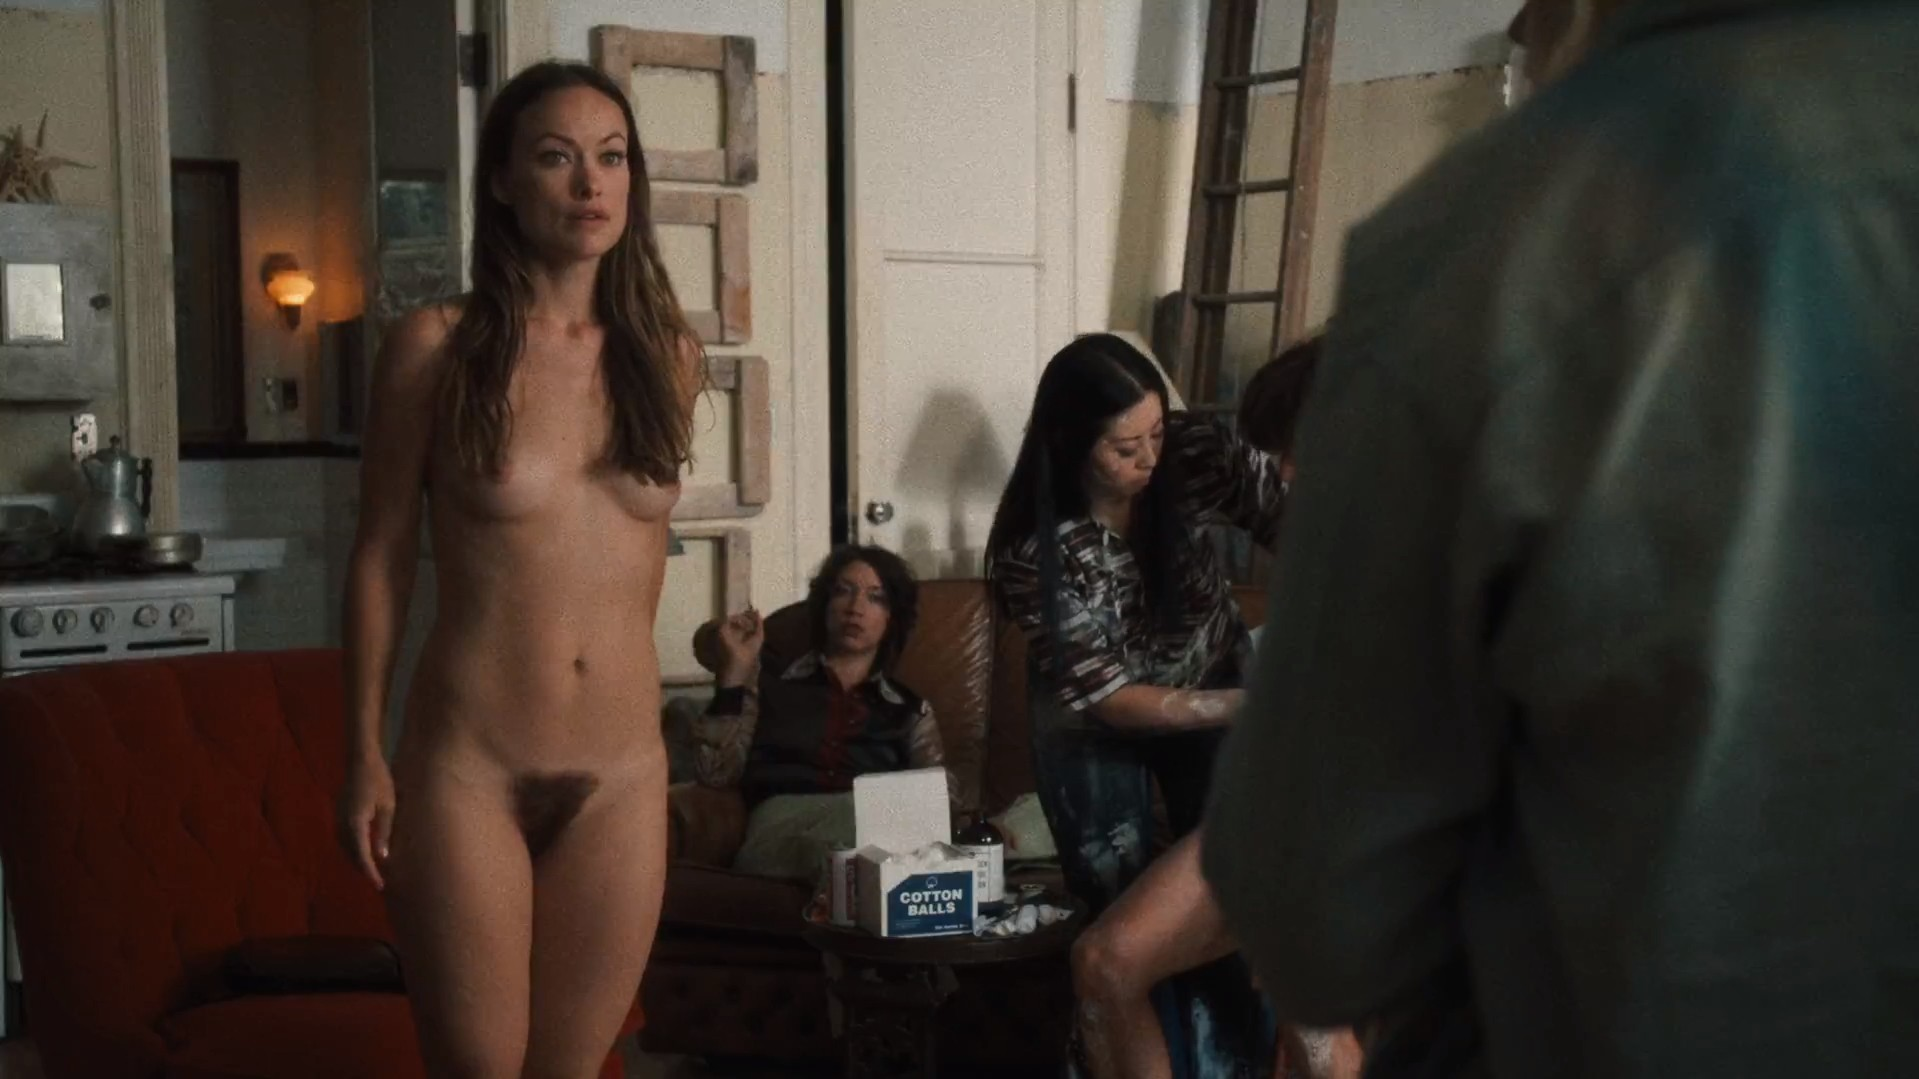 German celebrity nude